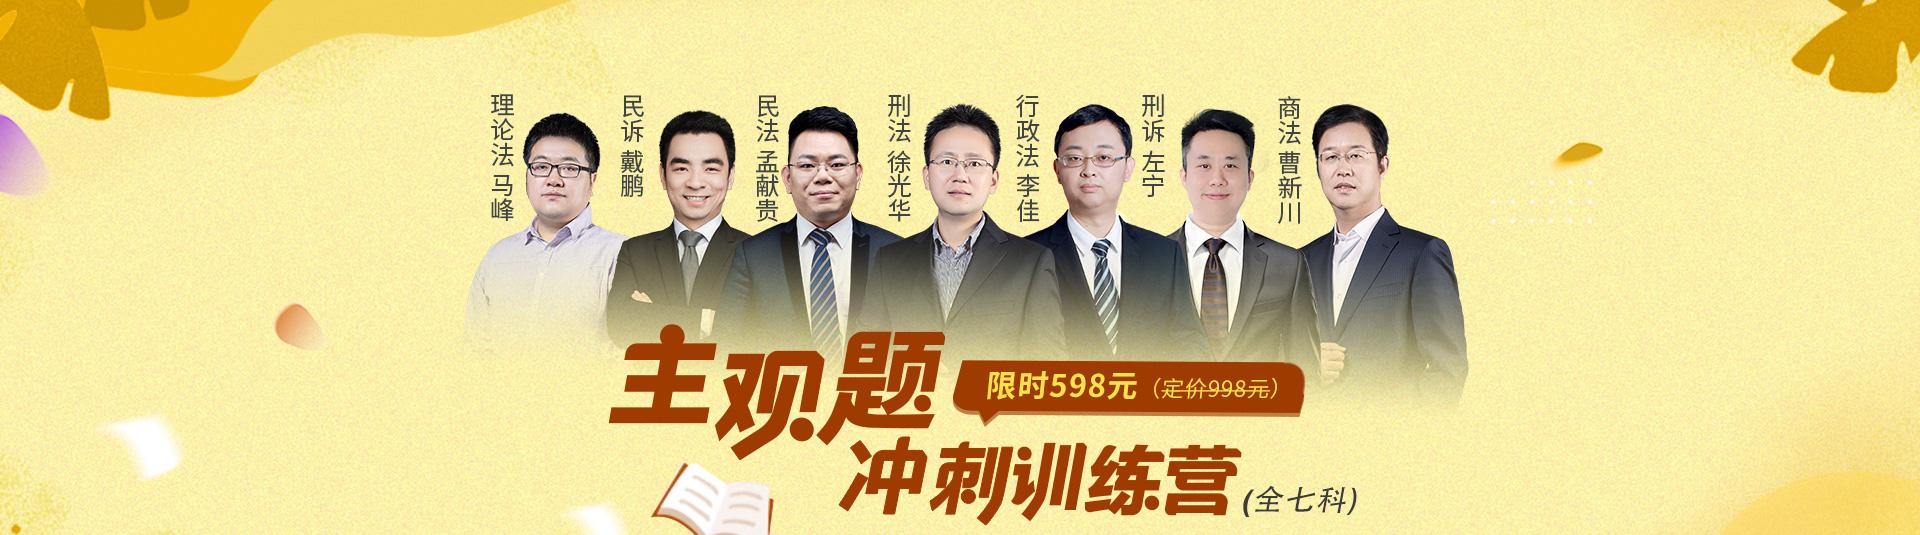 PCxiangqing_01.jpg